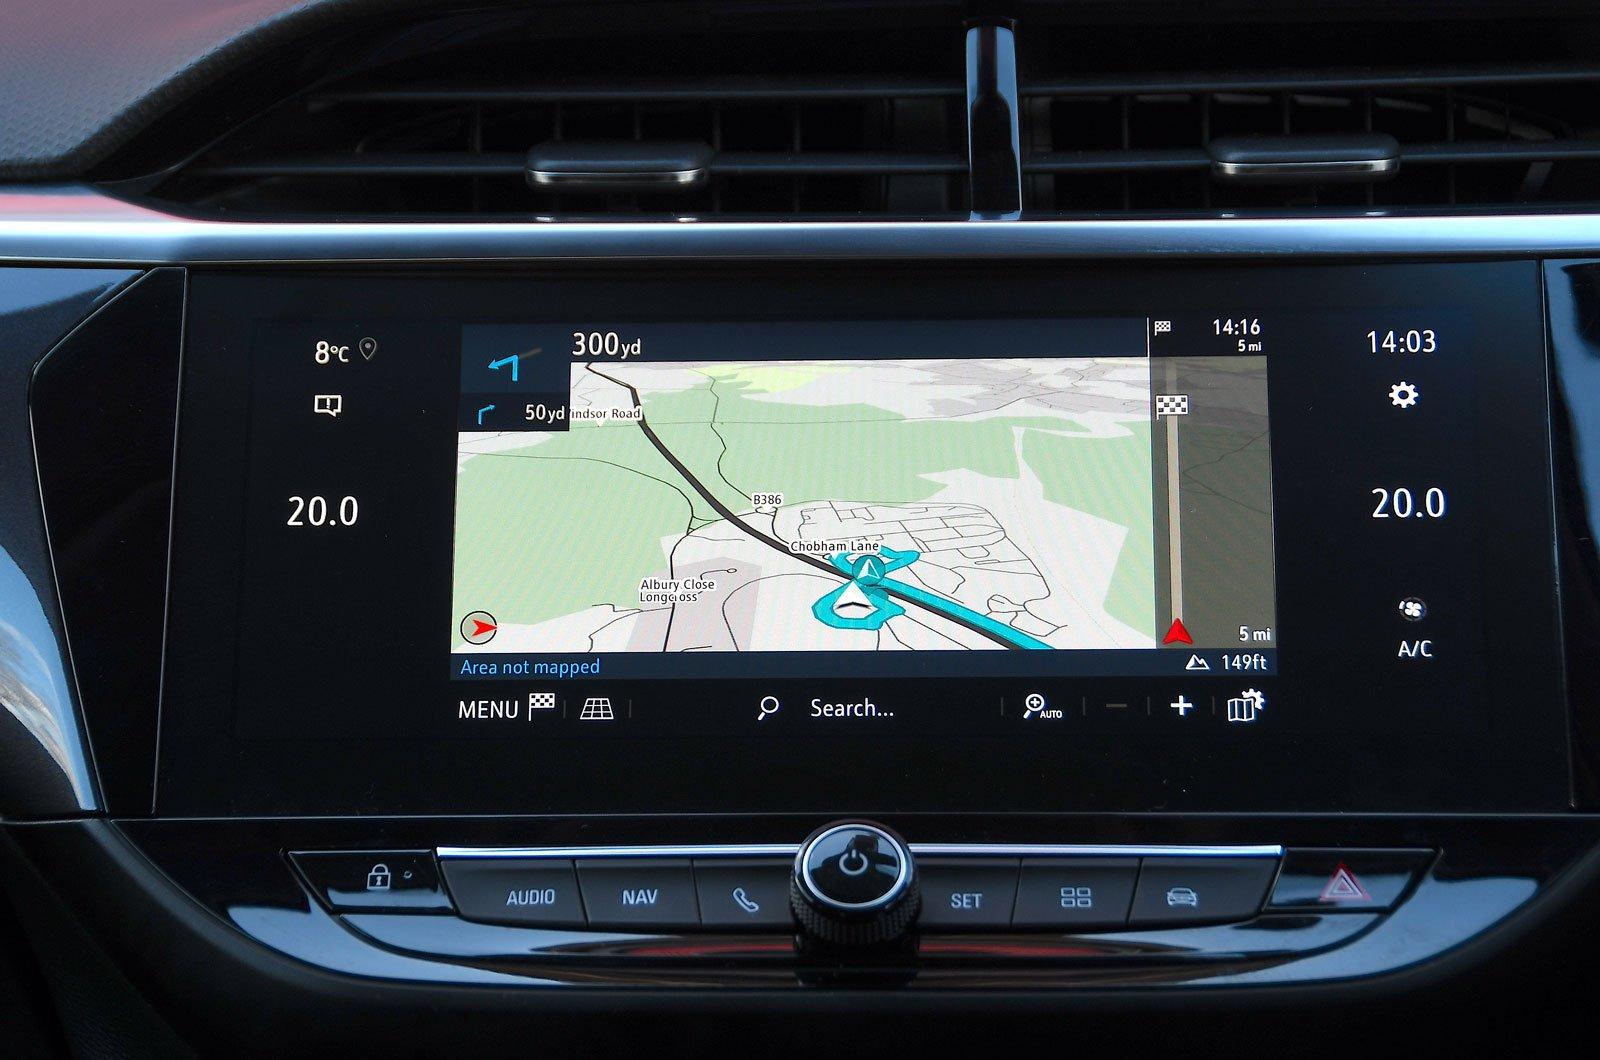 Vauxhall infotainment screen